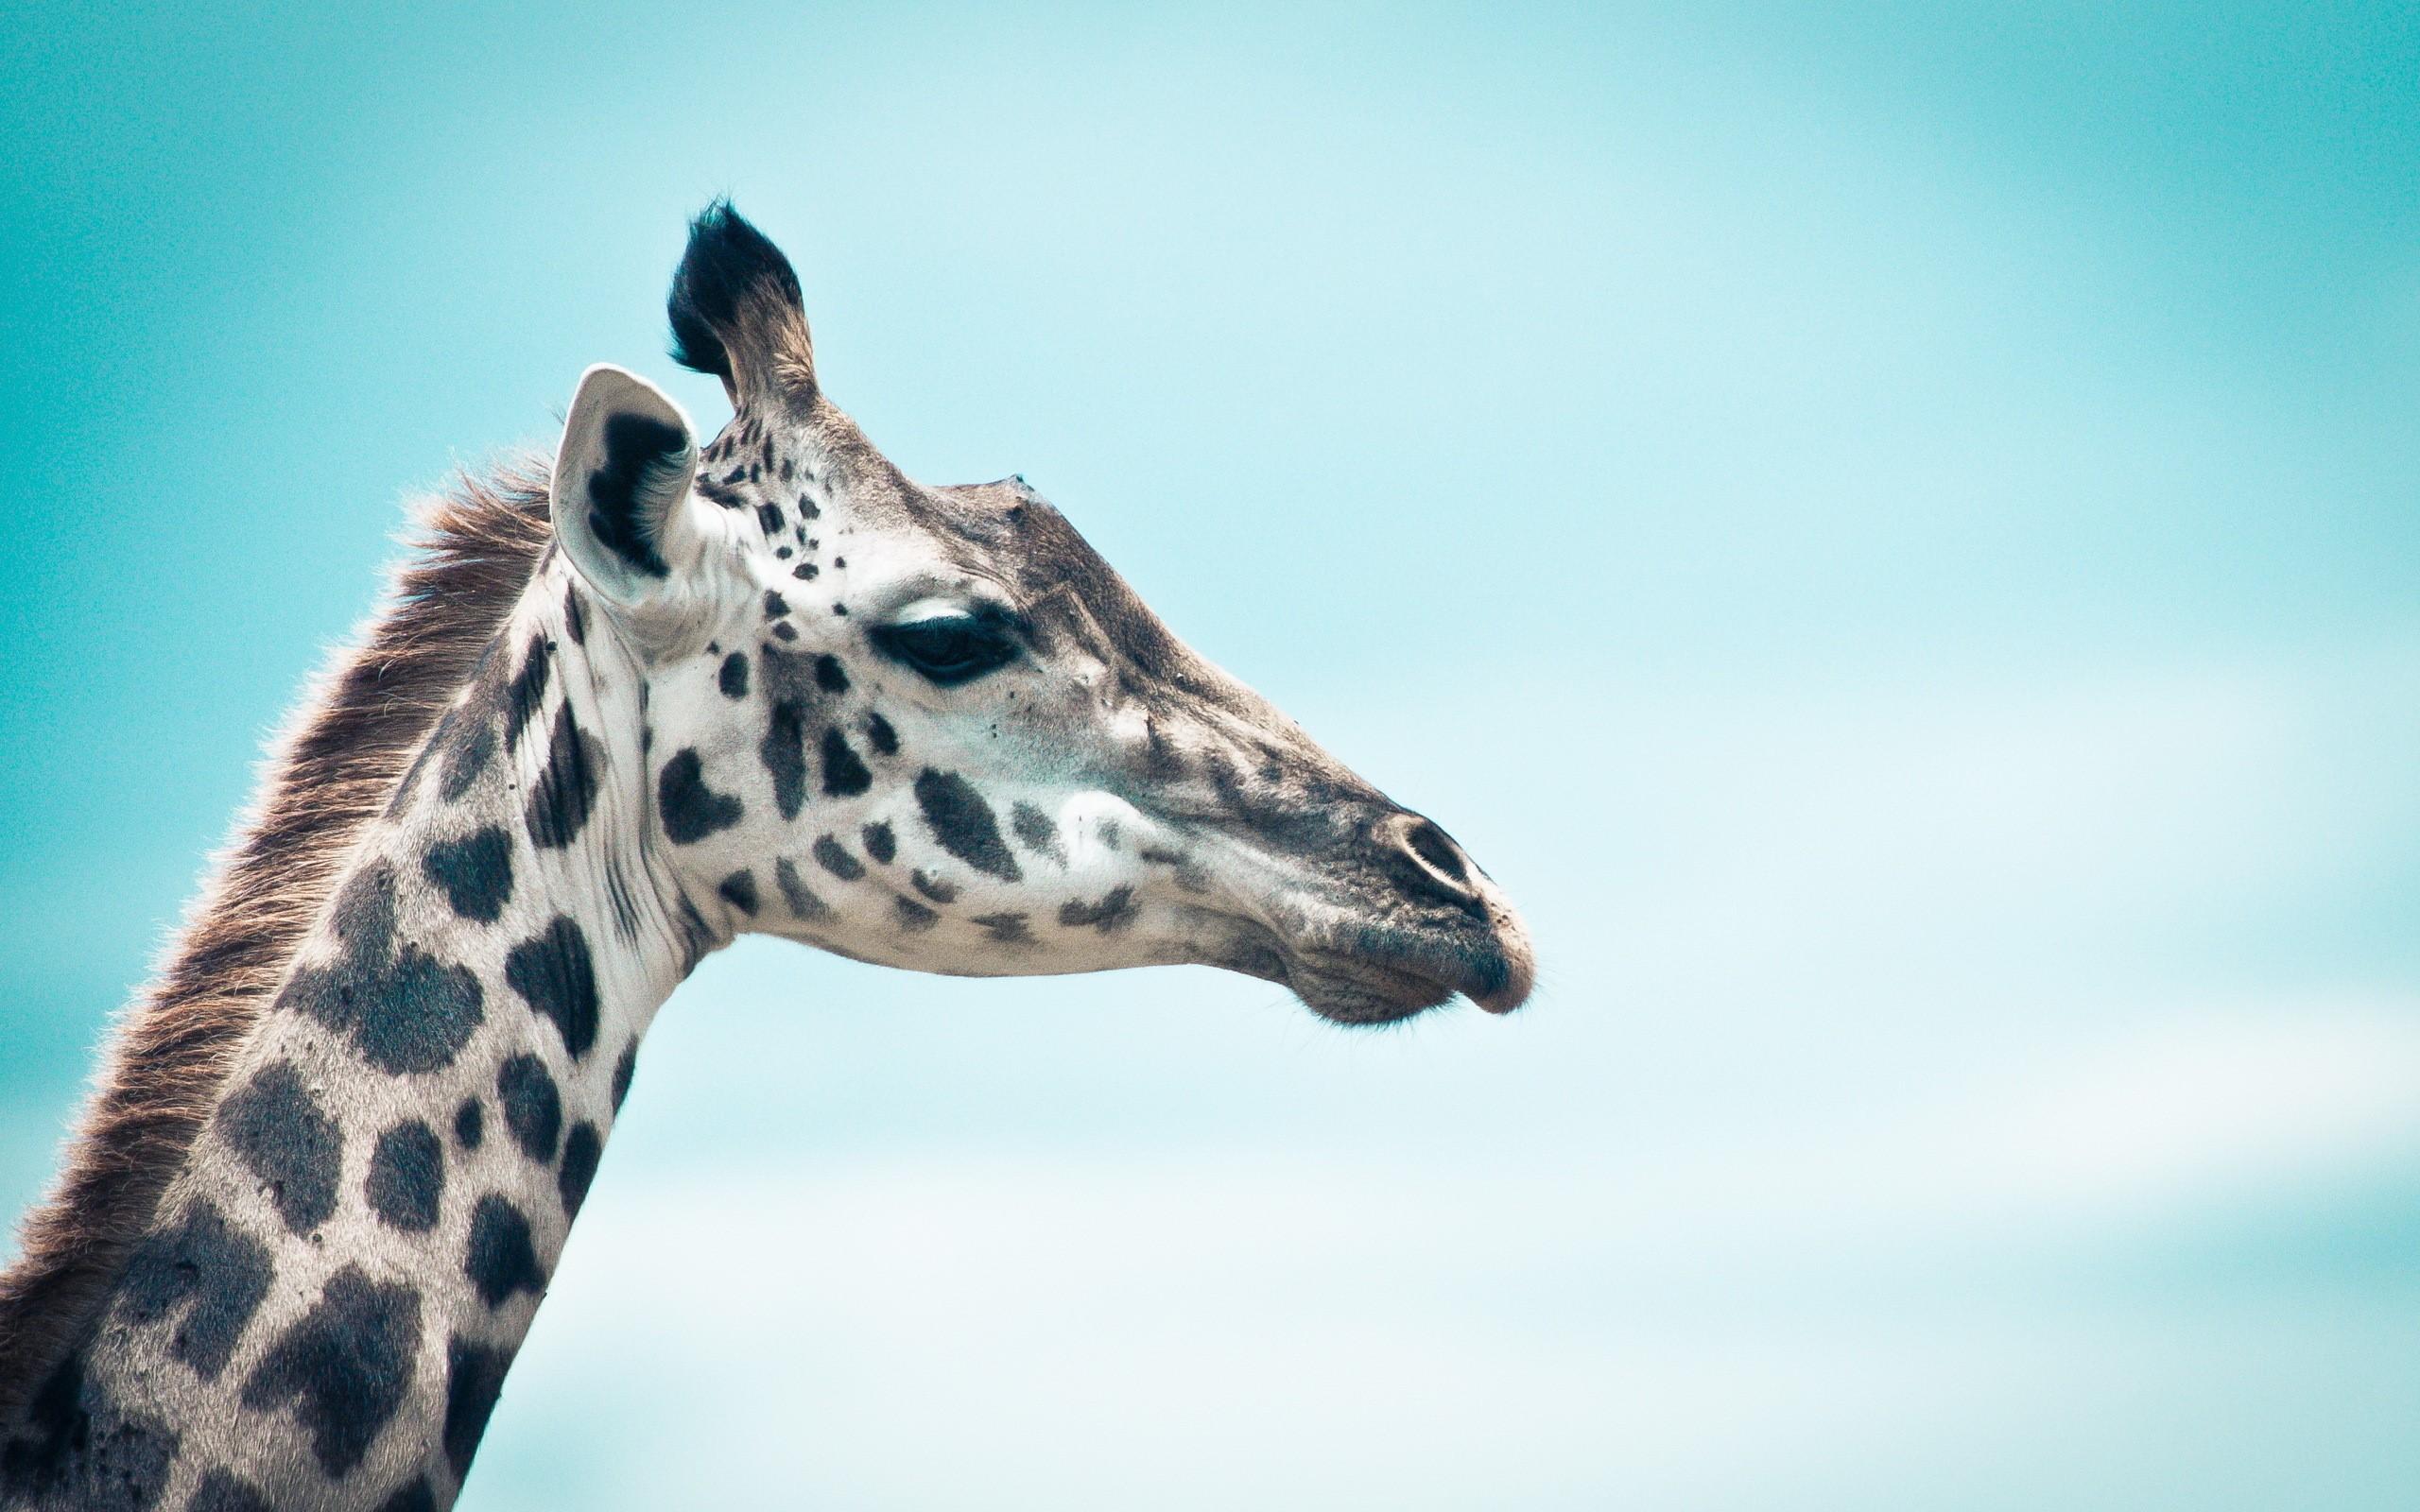 Giraffe Desktop Wallpapers